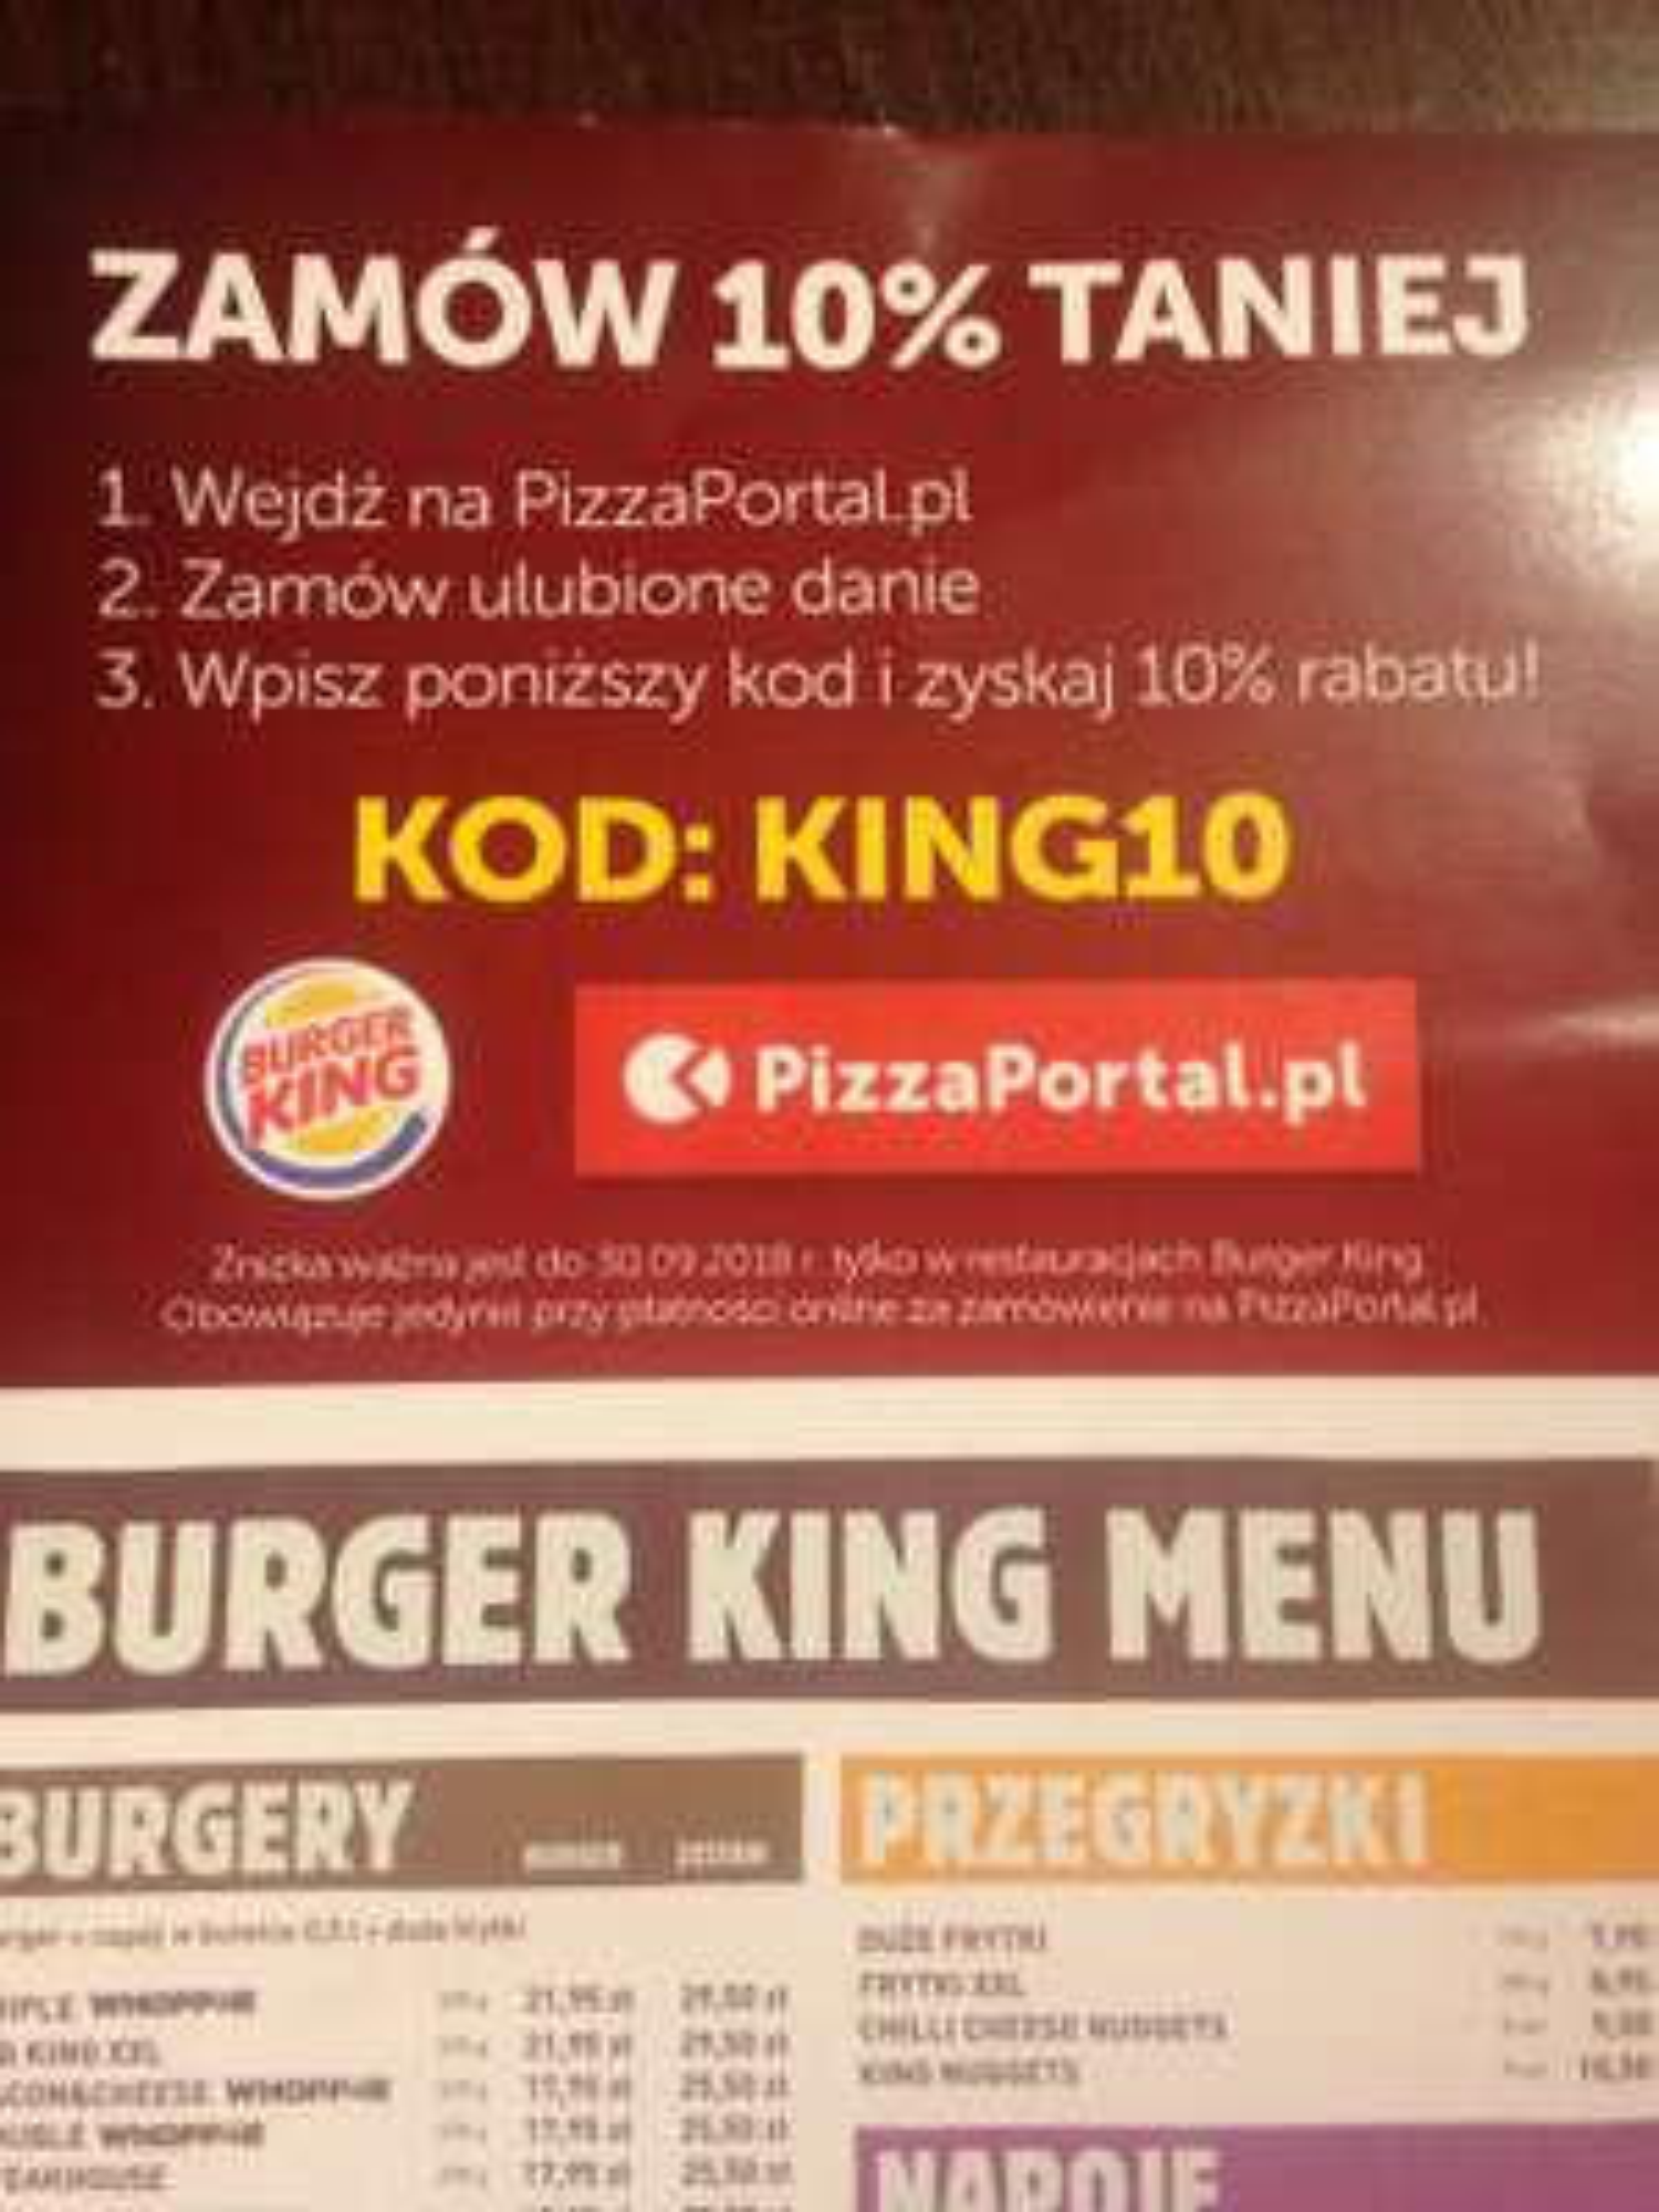 Burger King na PizzaPortal -10%